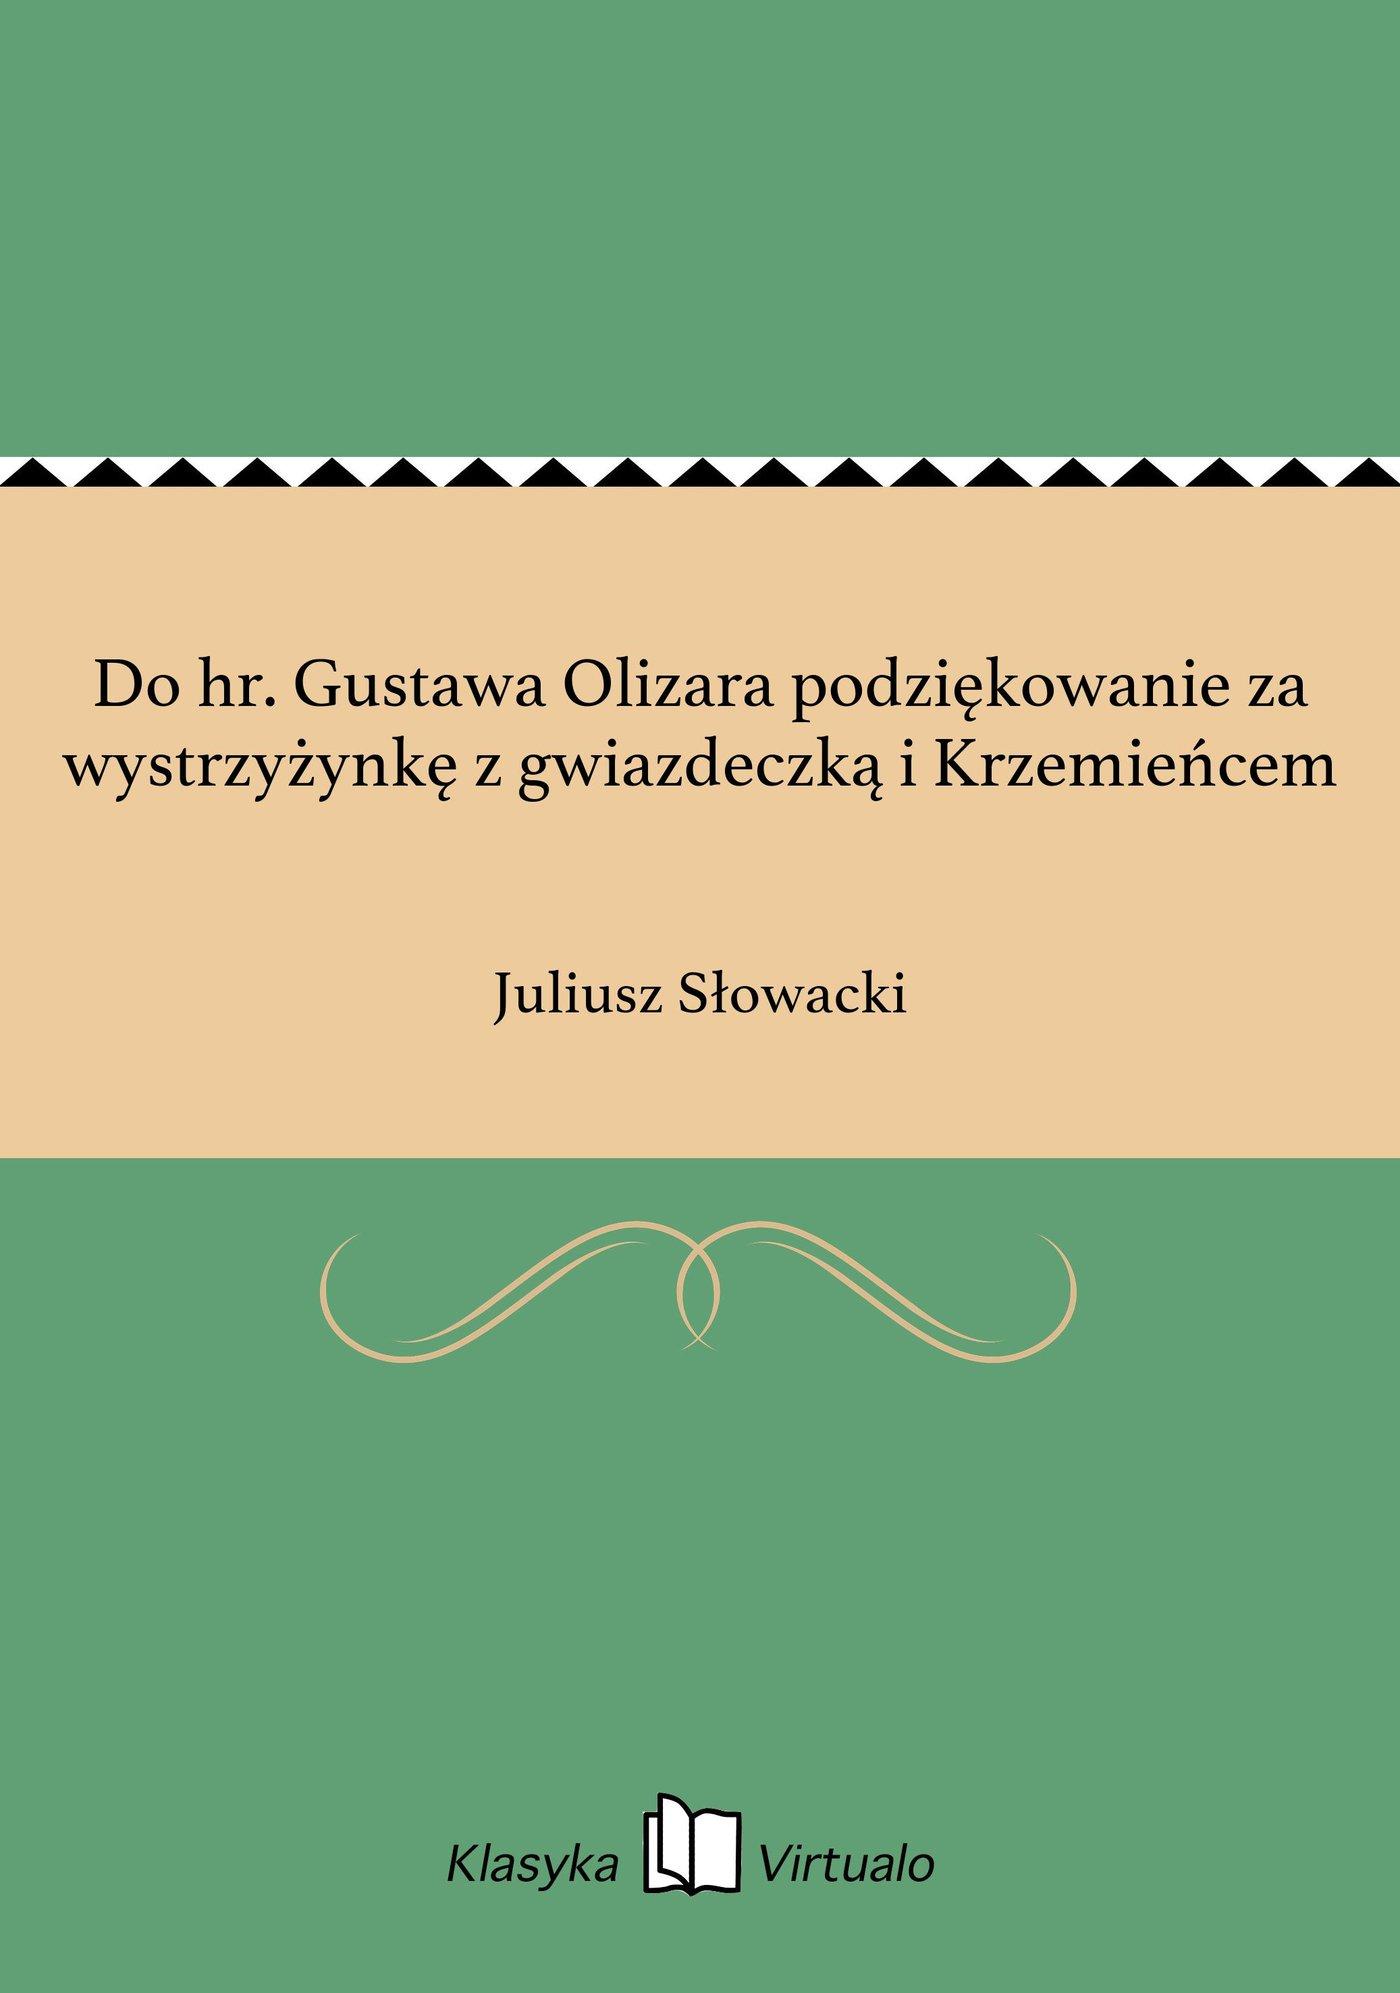 Do hr. Gustawa Olizara podziękowanie za wystrzyżynkę z gwiazdeczką i Krzemieńcem - Ebook (Książka EPUB) do pobrania w formacie EPUB